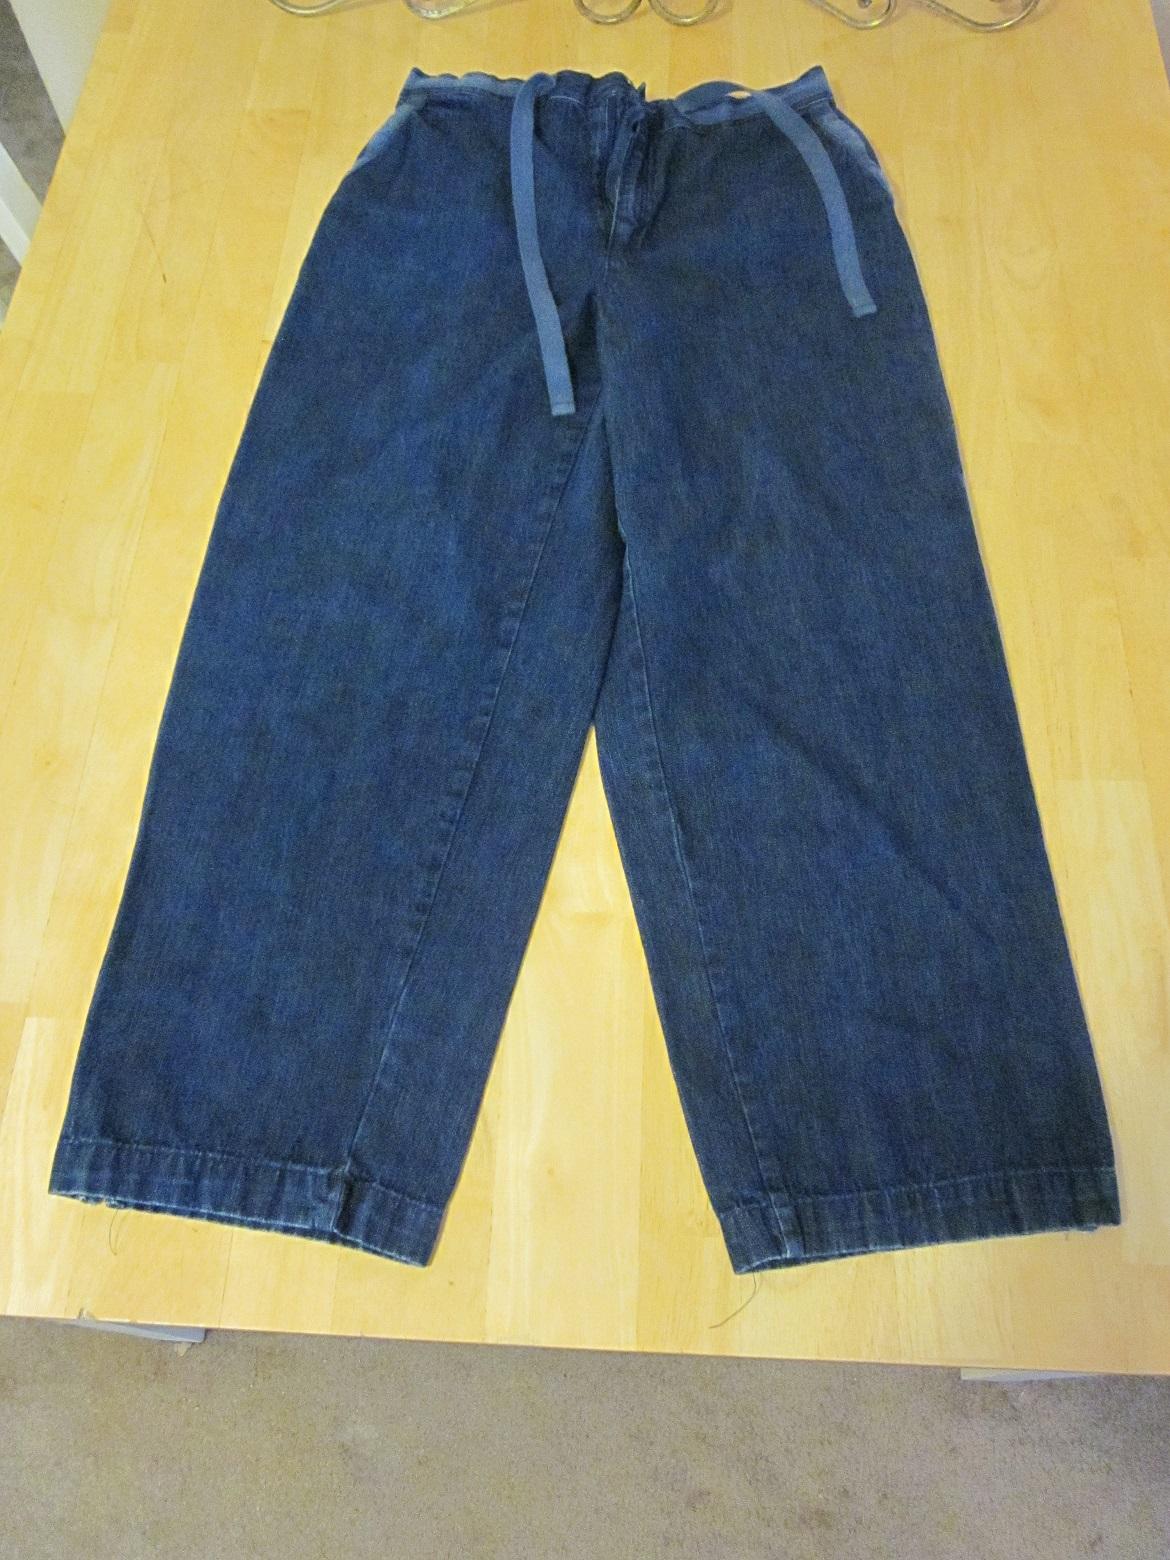 Coldwater Creek Denim Pants - Size PM